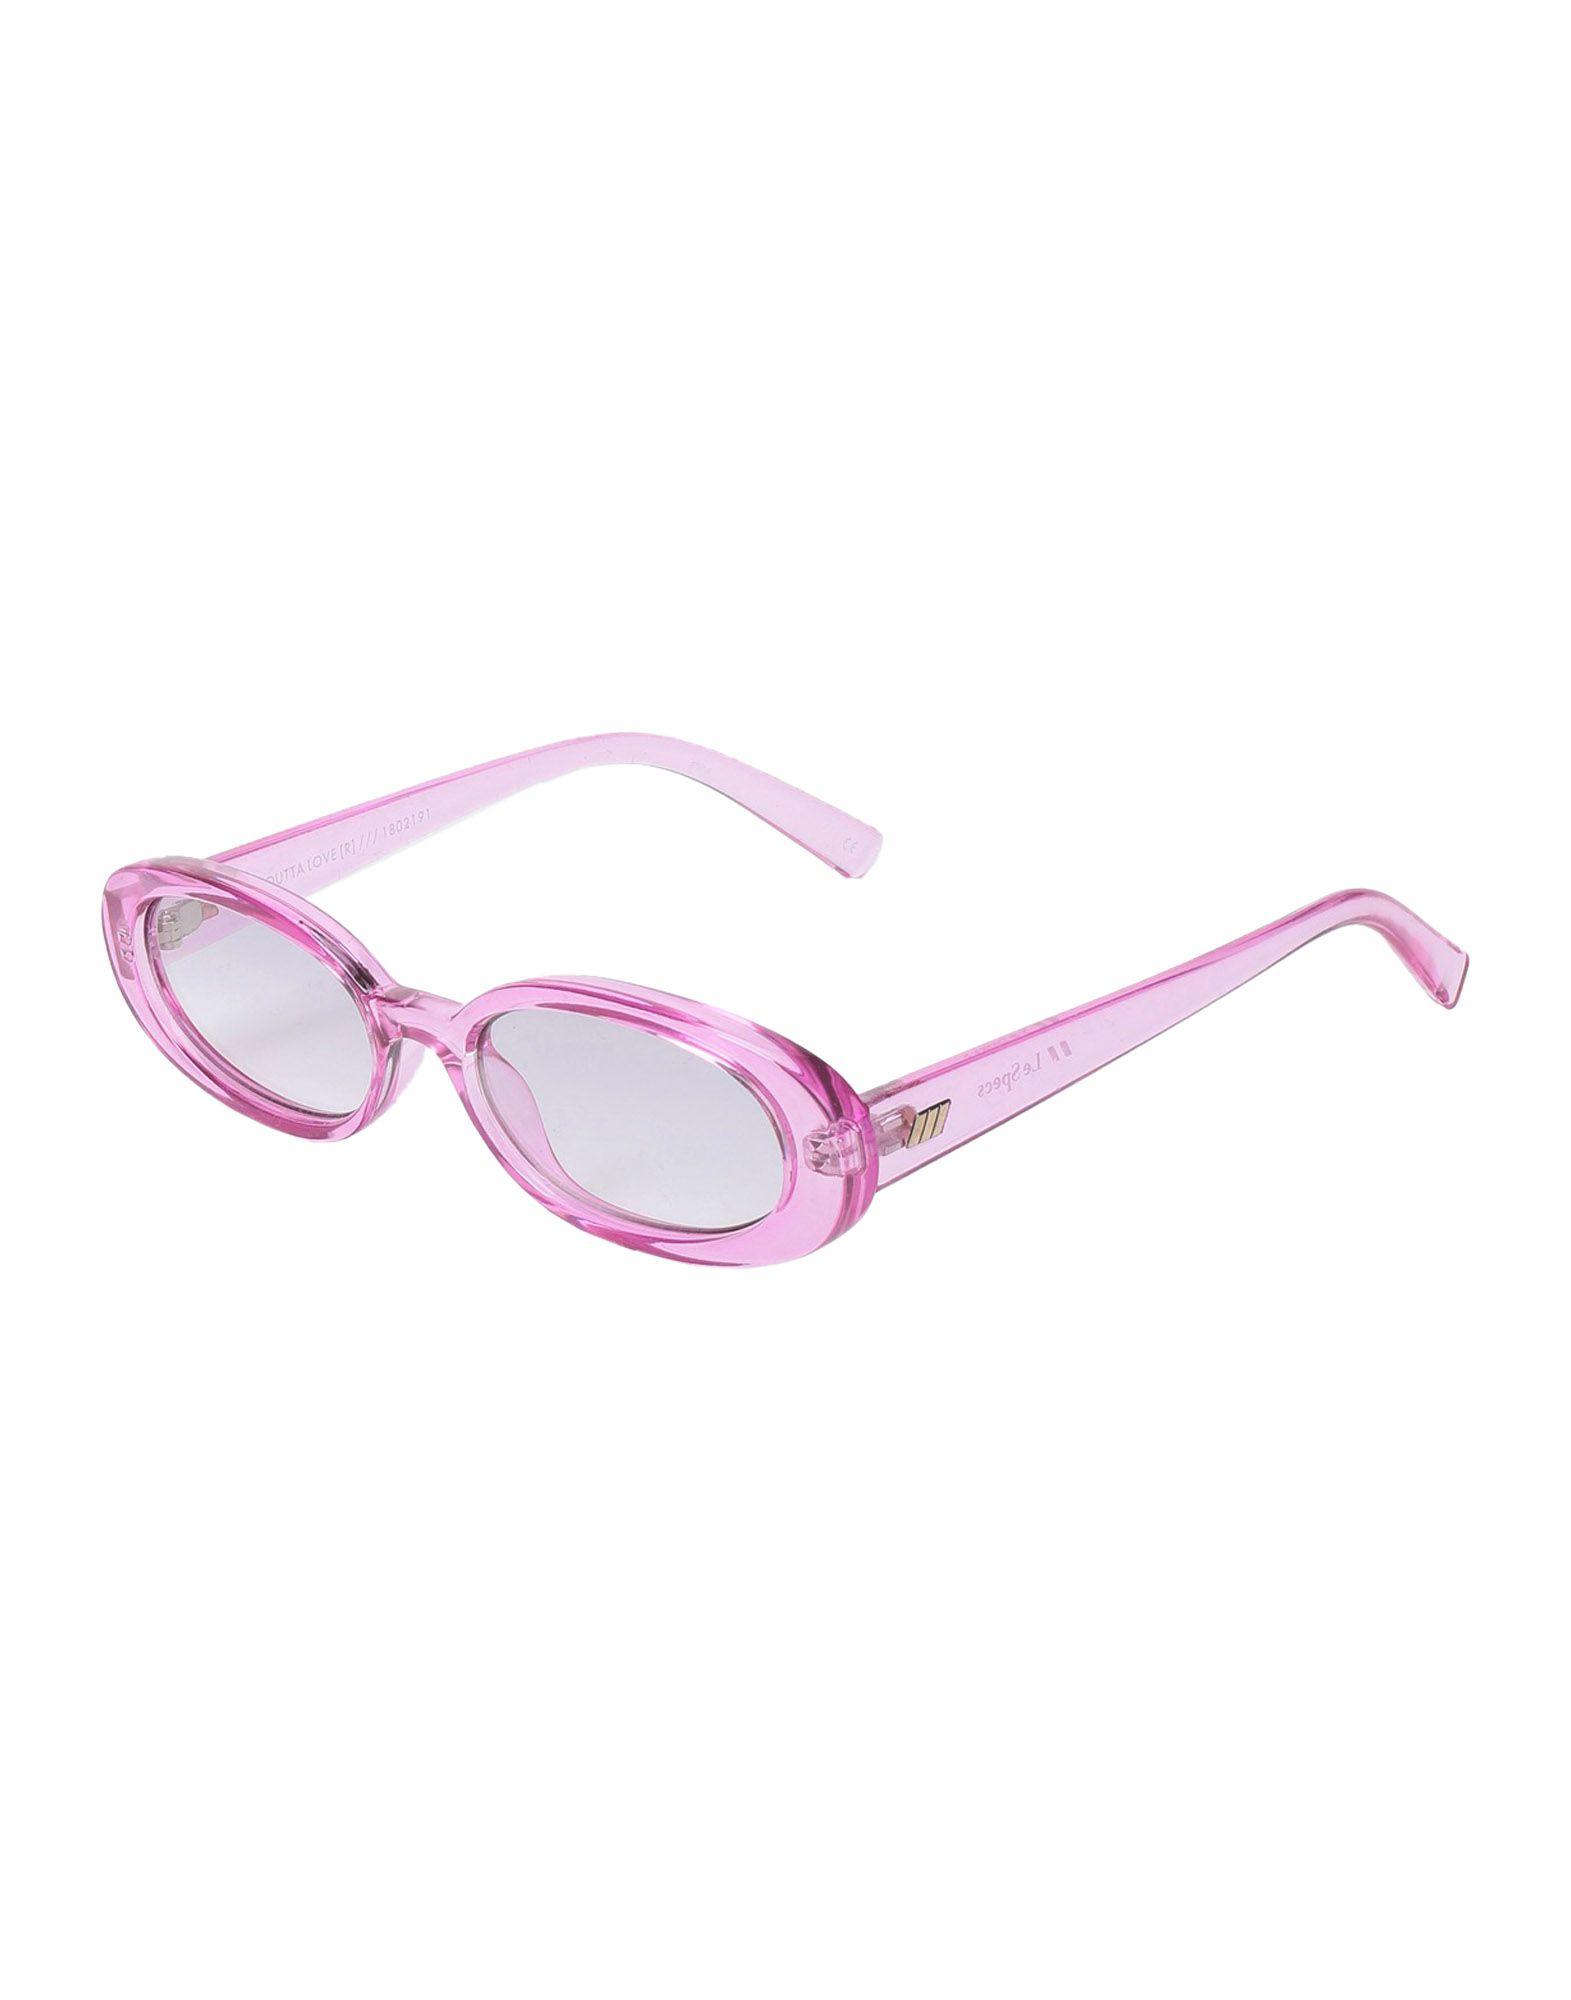 все цены на LE SPECS Солнечные очки онлайн